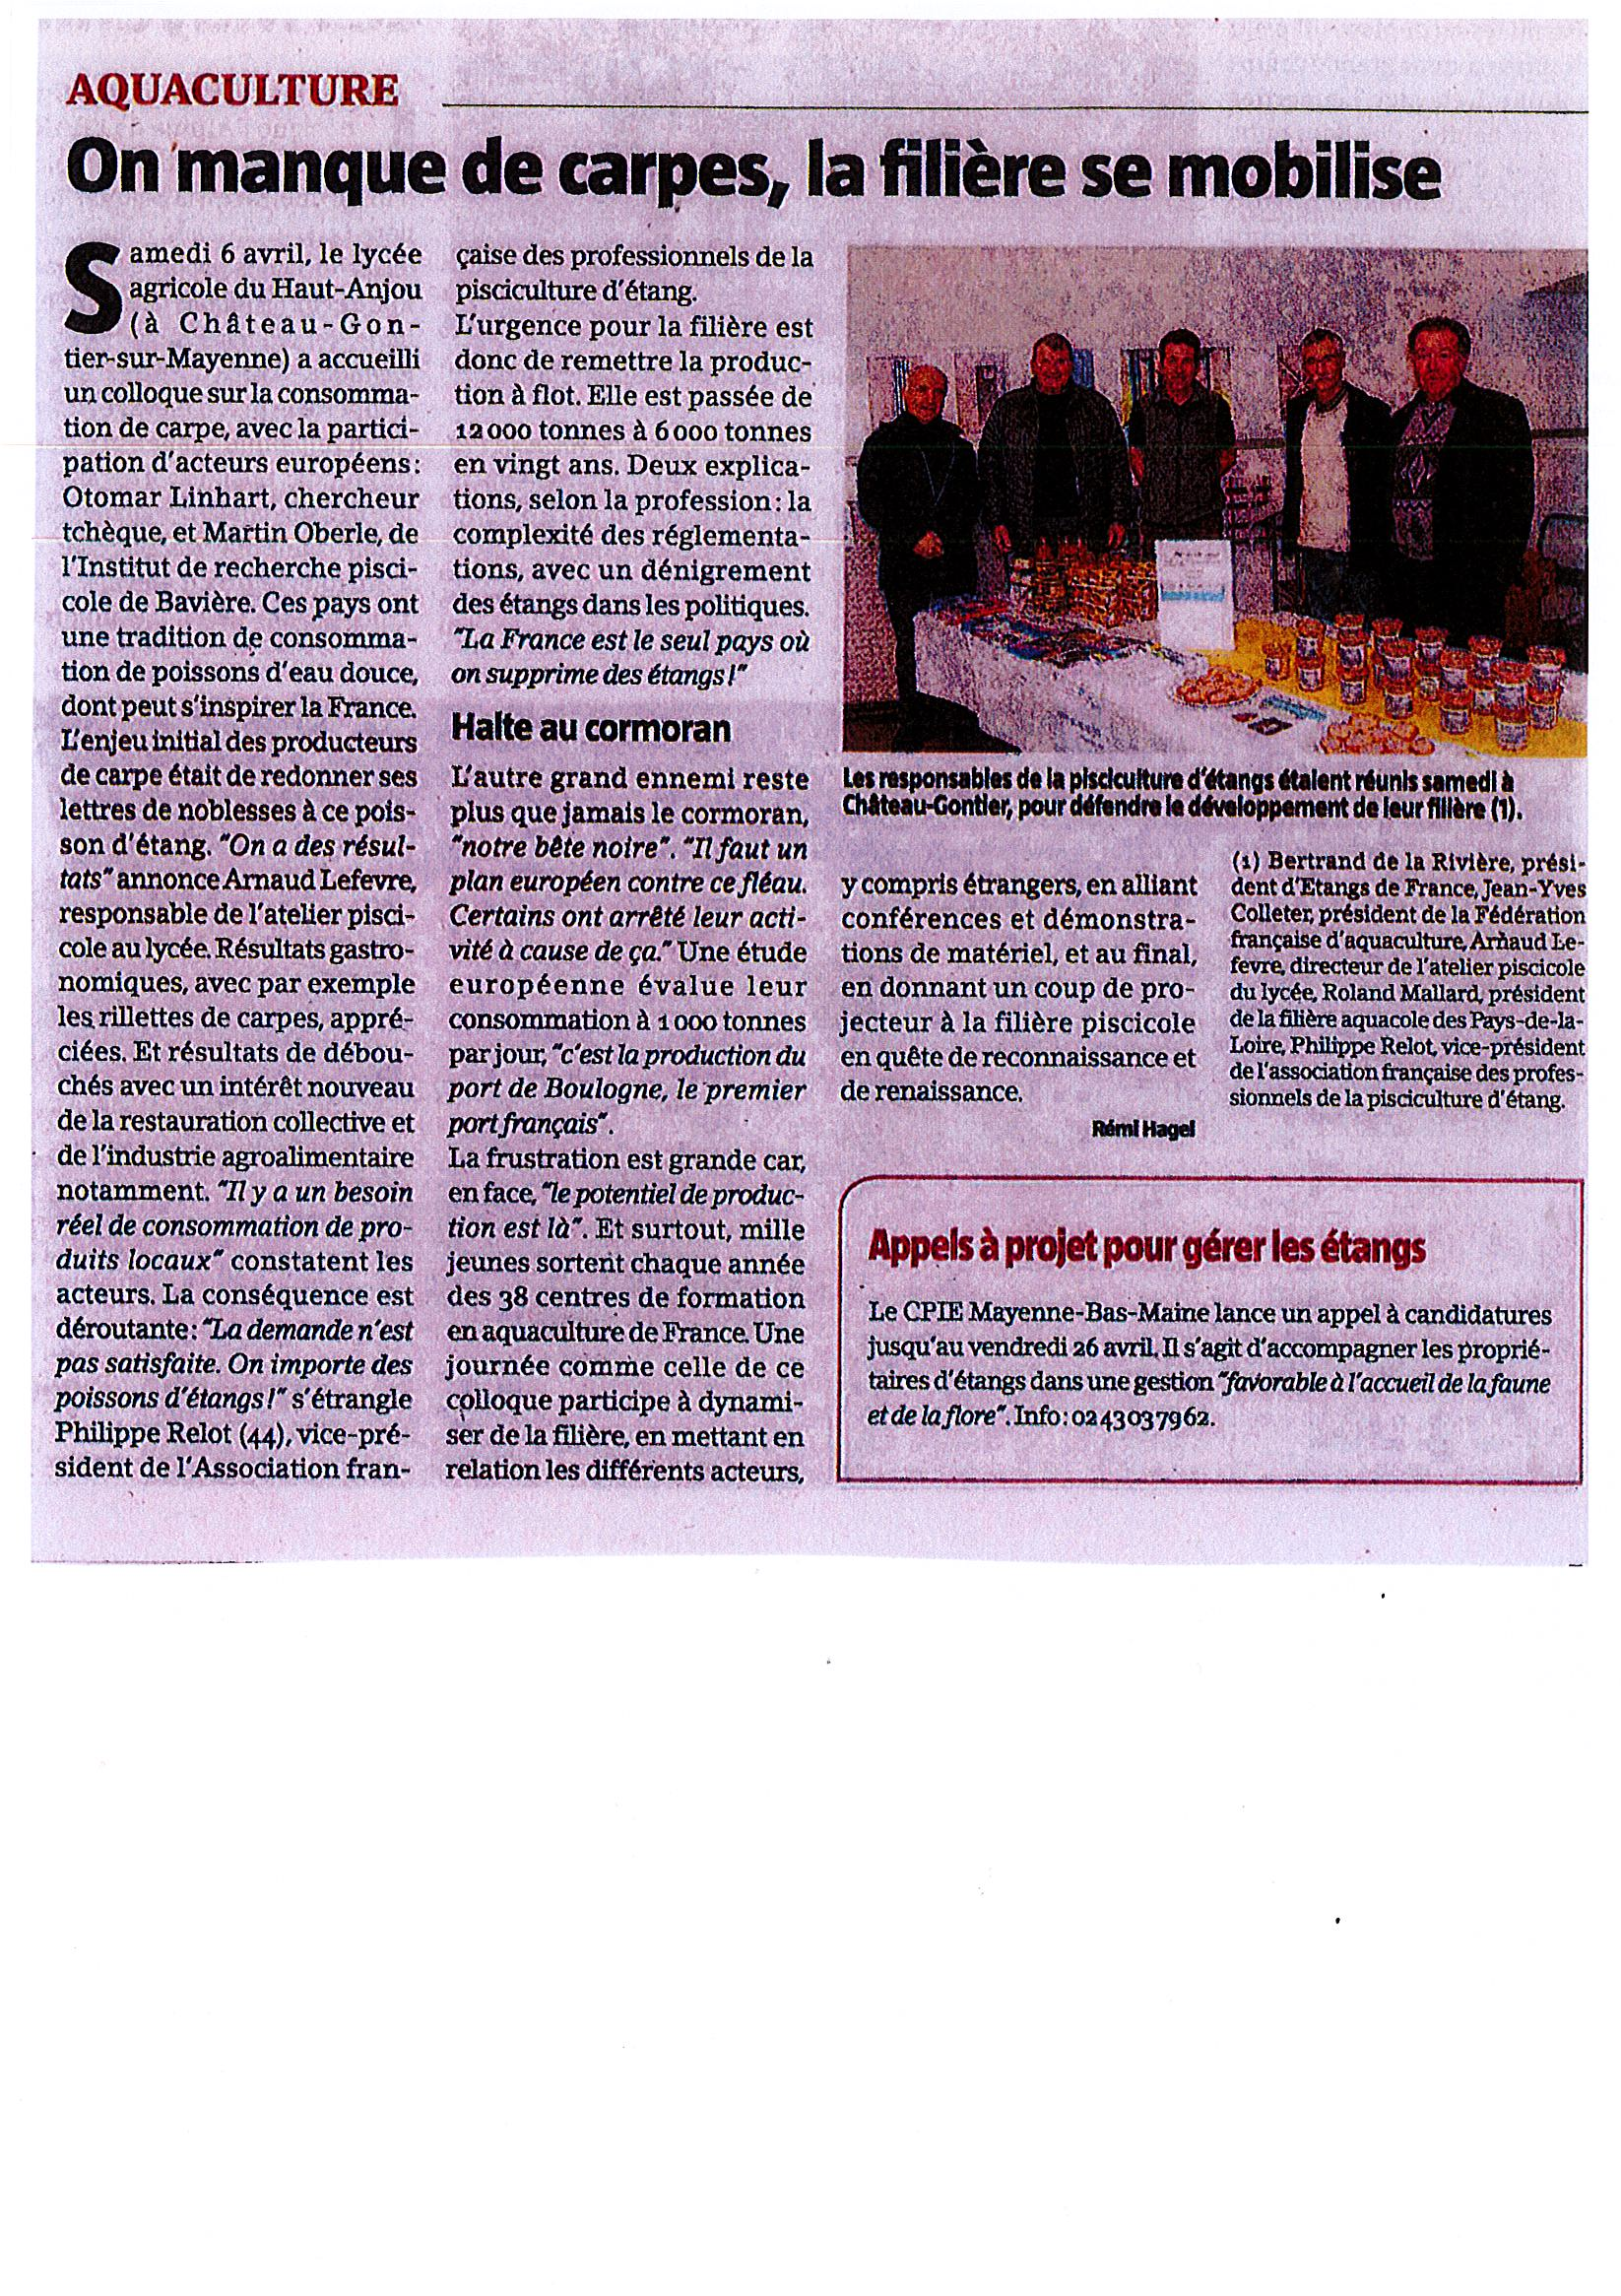 consommation de la carpe en France et en Europe